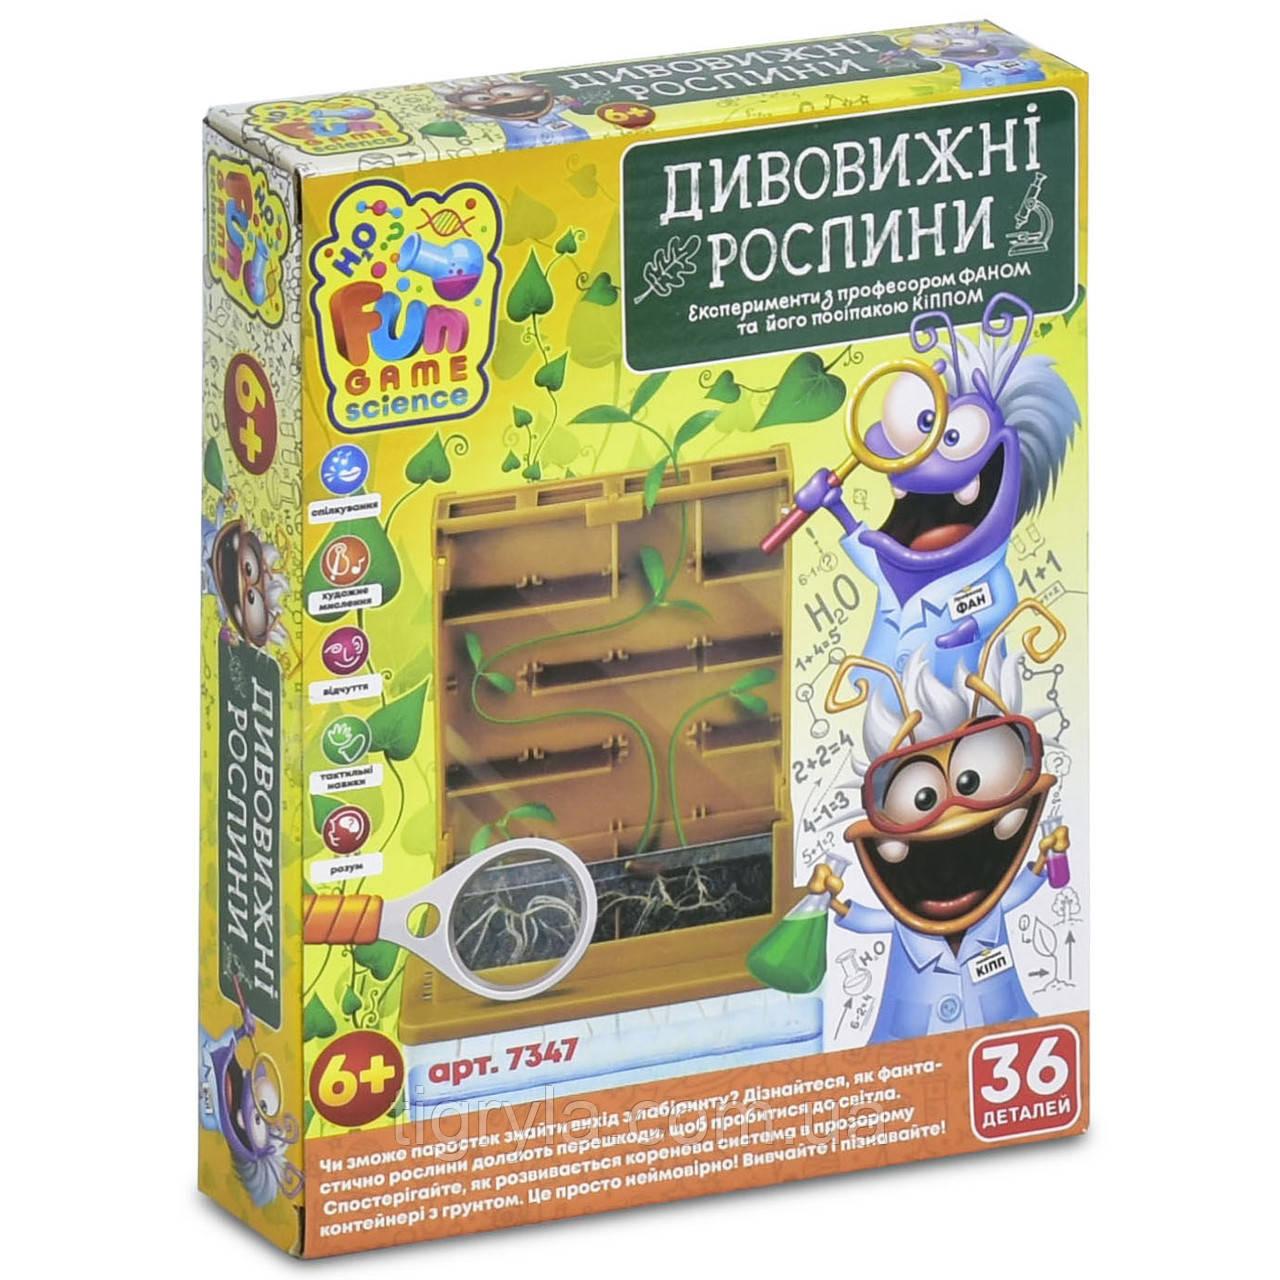 """Ботанические опыты """"Дивовижні рослини"""" игровой набор"""